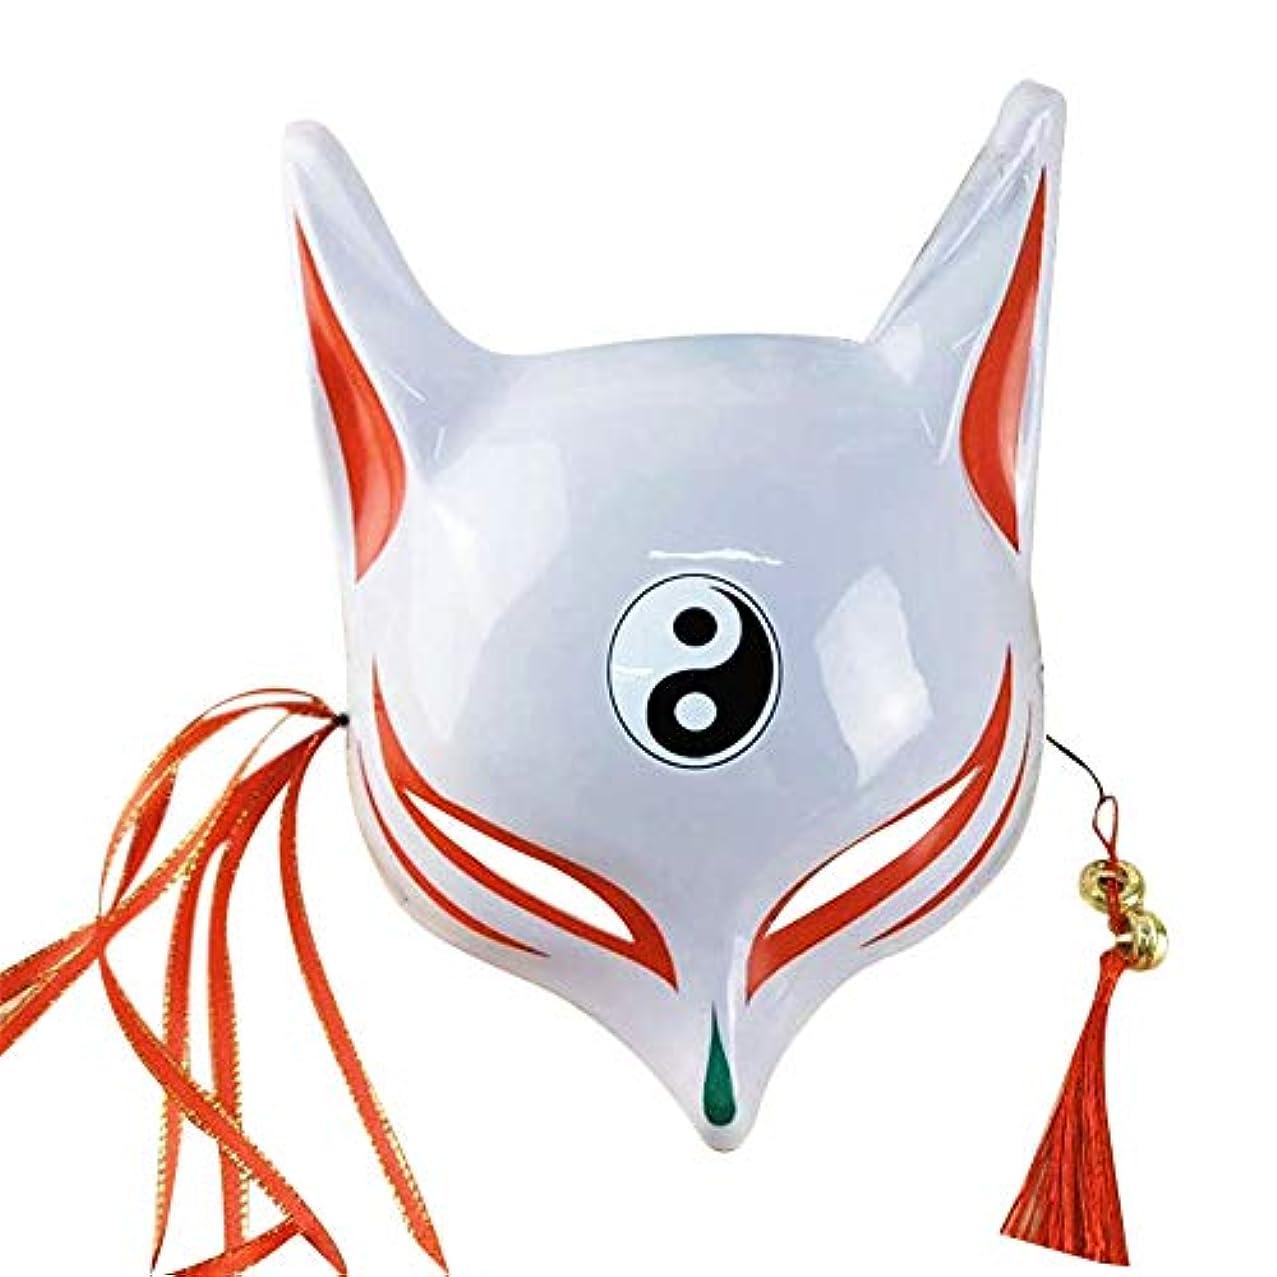 中性現実矩形Esolomフォックスハーフフェイスマスク手描きのマスク ロールプレイ仮装ドレスアップ マスクバーパーティー キツネの妖精の半分の顔 和風の手描き